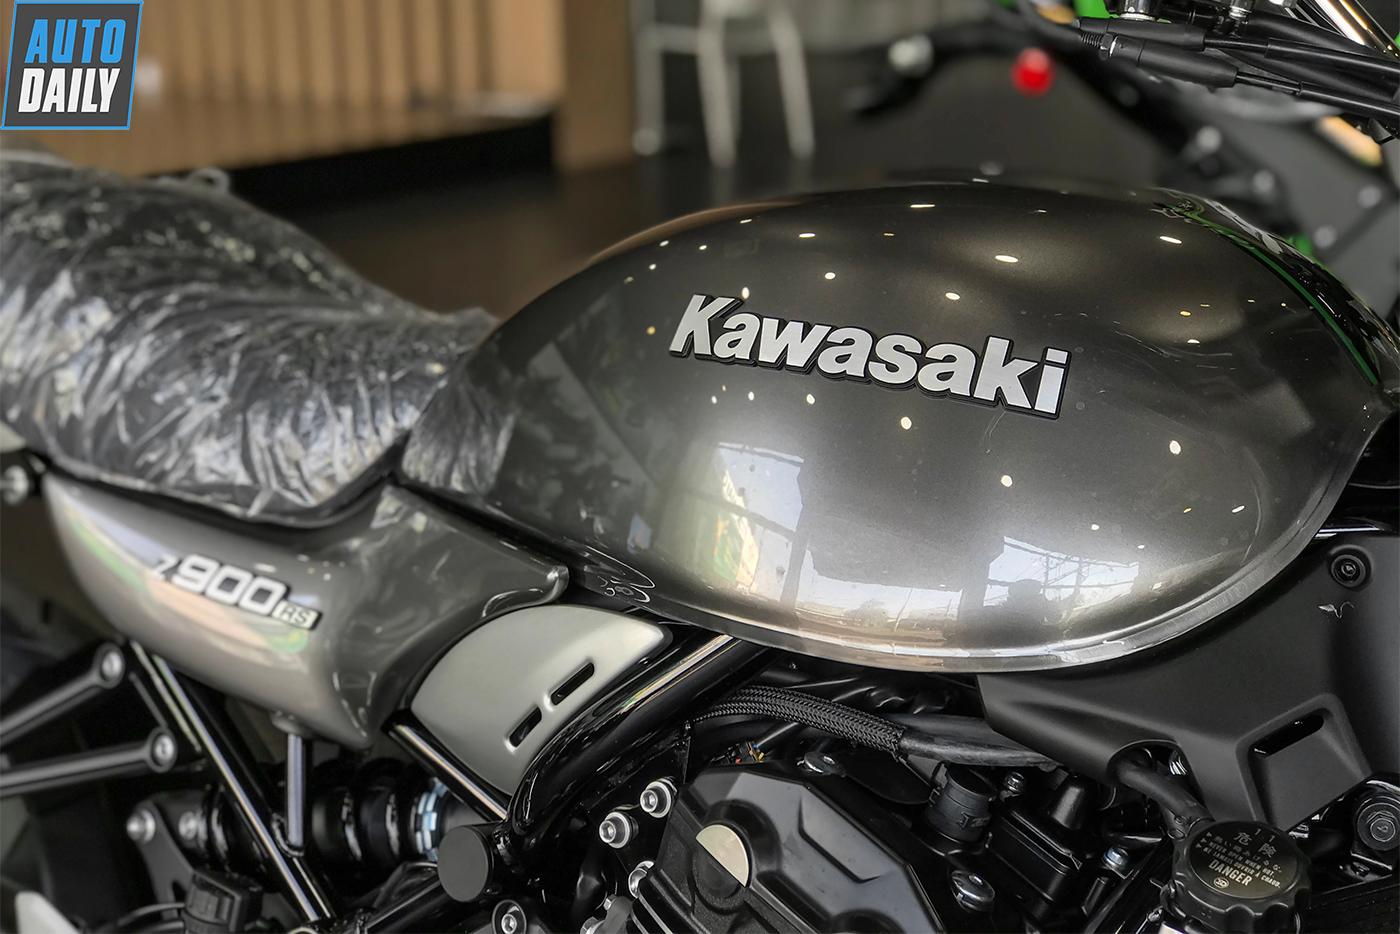 kawasaki-z900rs-2020-31.jpg